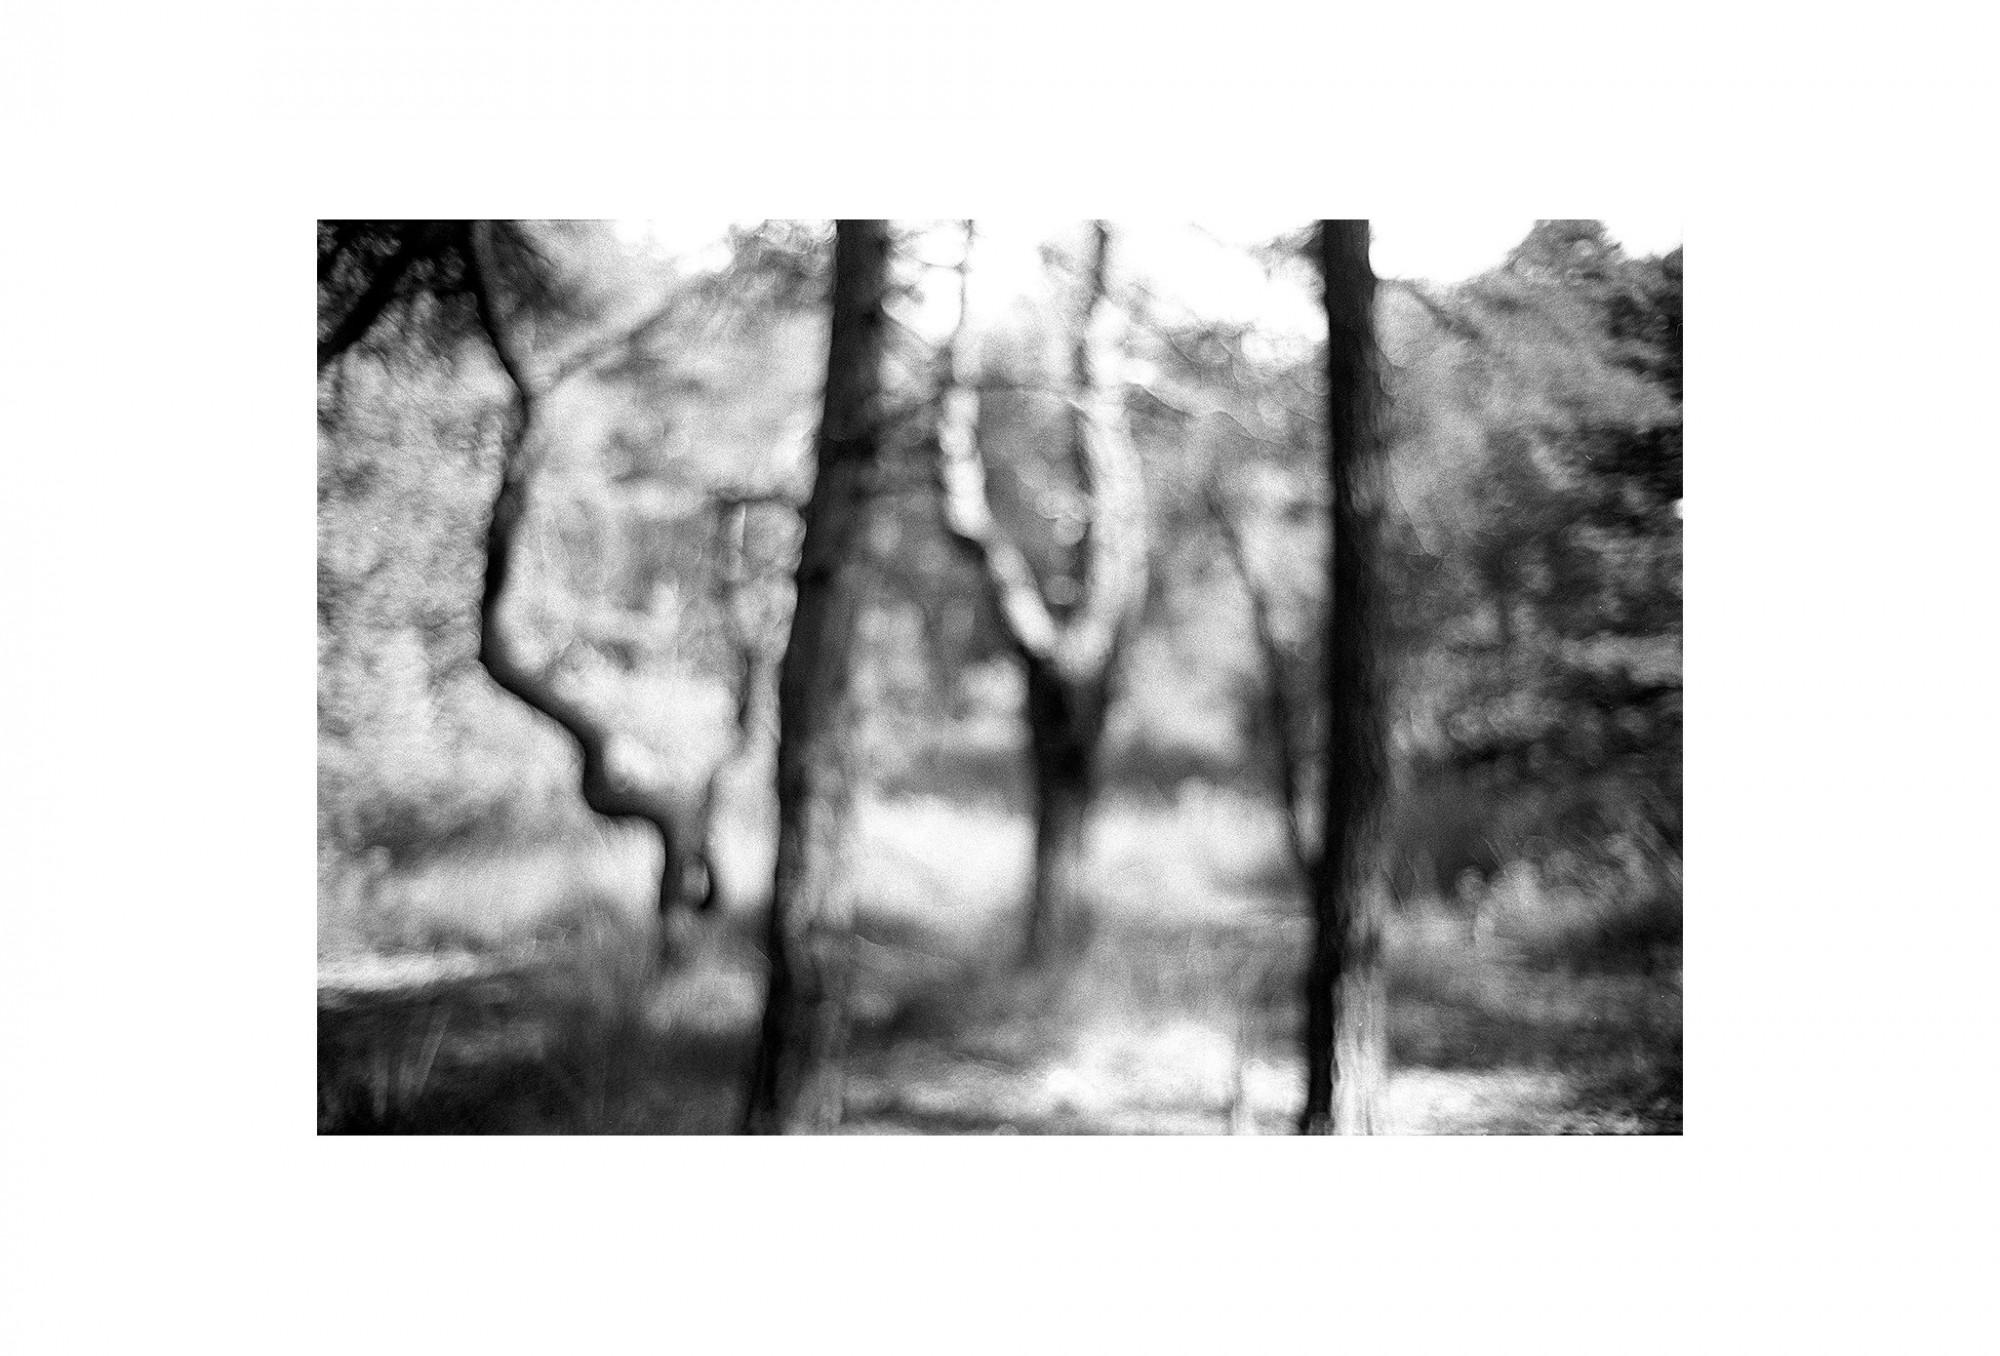 Afbeelding: Uit de reeks: Bomen en het licht daarom heen. - nr. 96-43-36, fotokunst Dominique Van Huffel.